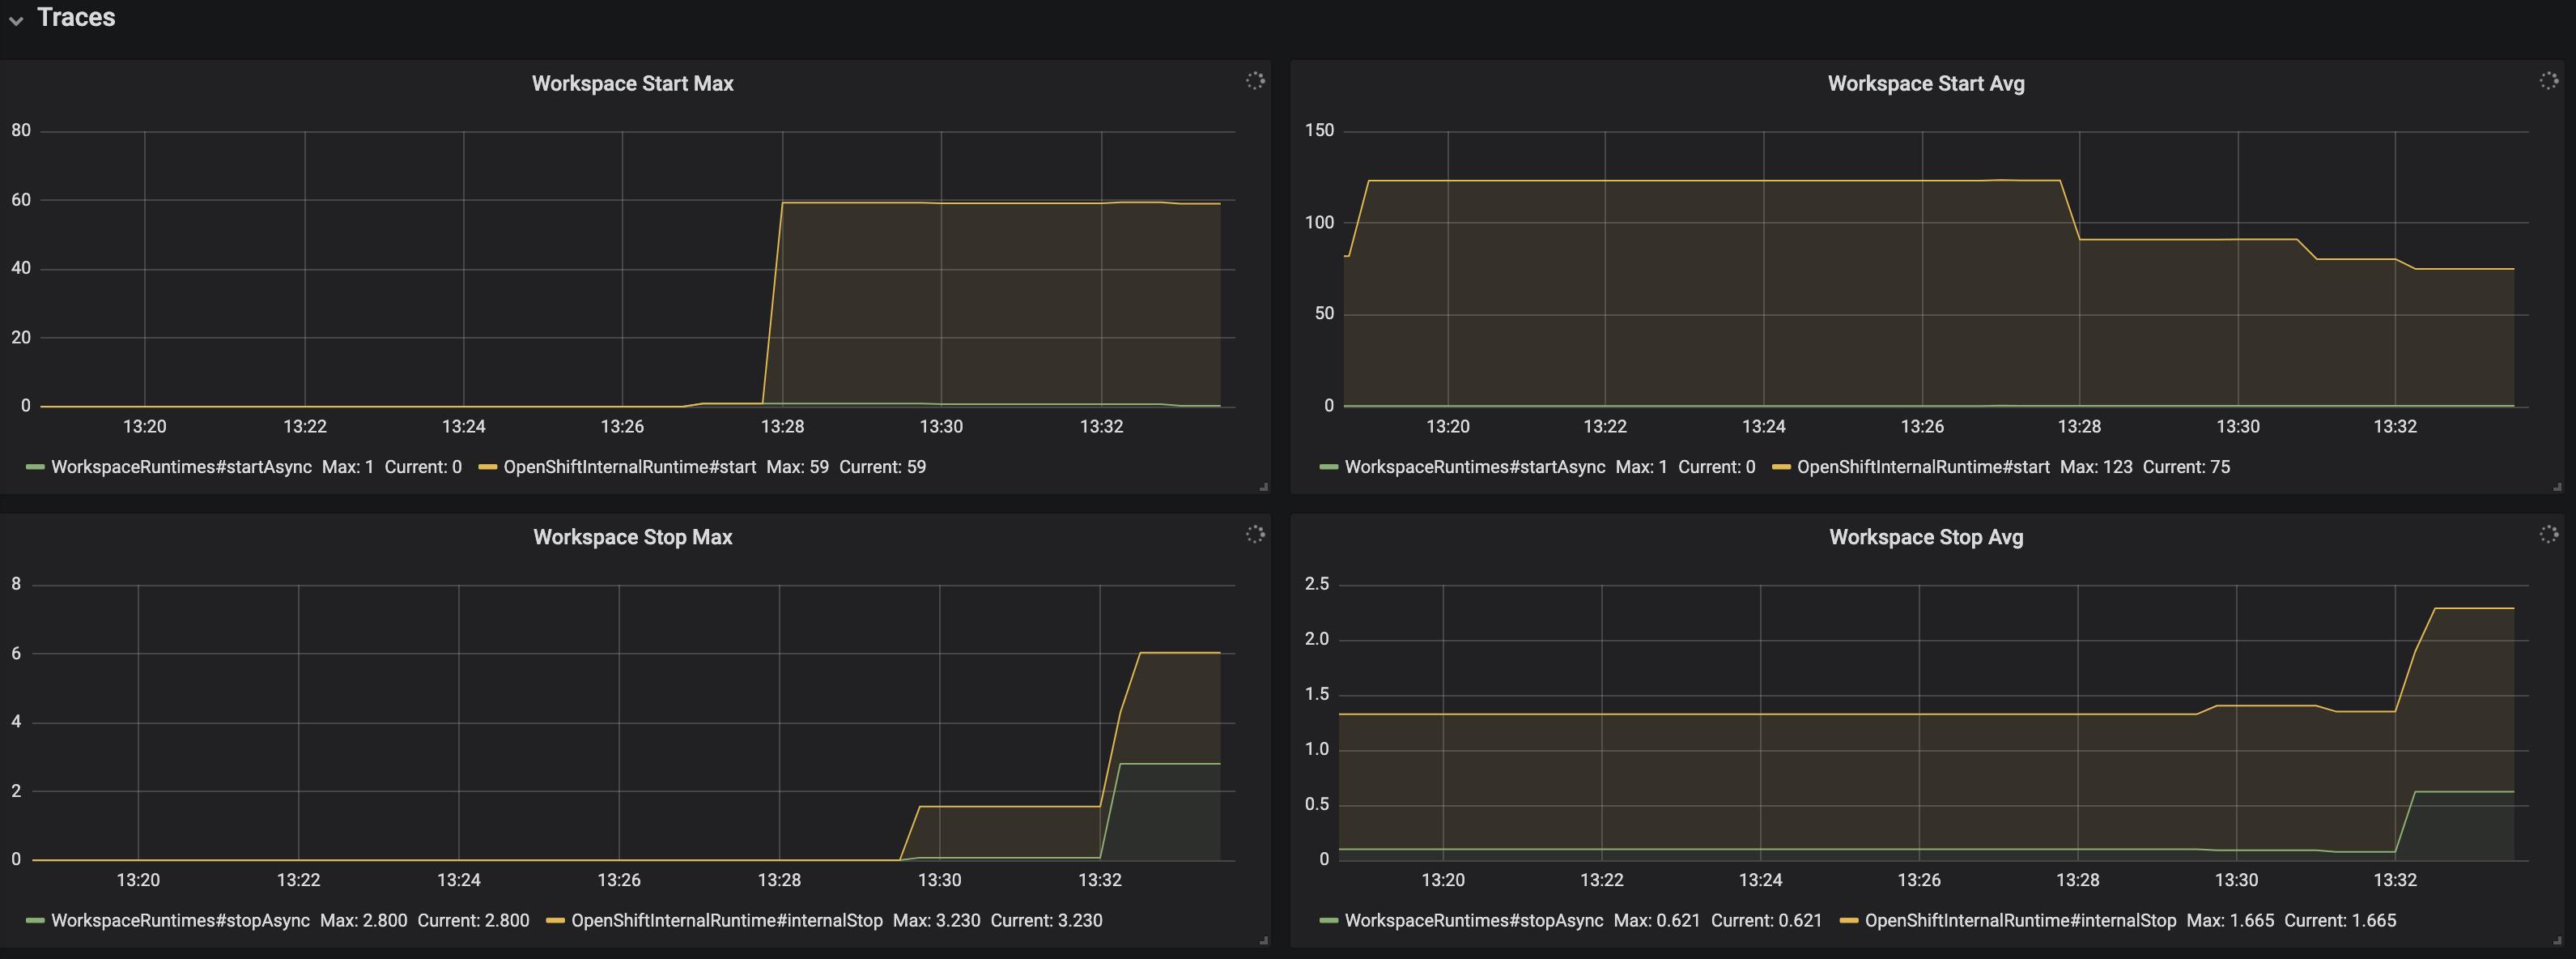 monitoring che che server dashboard trace panel 1